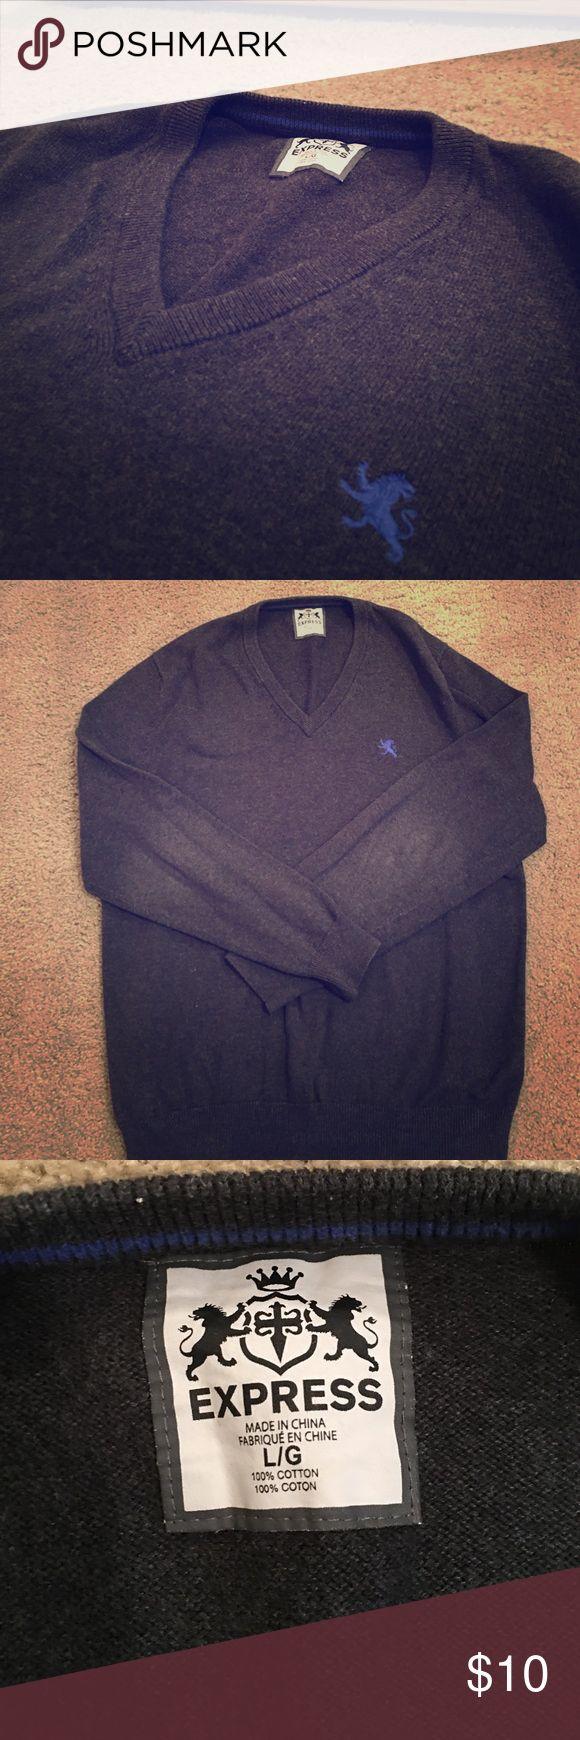 Express Men's Cotton V-Neck Sweater in Dark Gray Express Men's Cotton V-Neck Sweater in Dark Gray Express Sweaters V-Neck